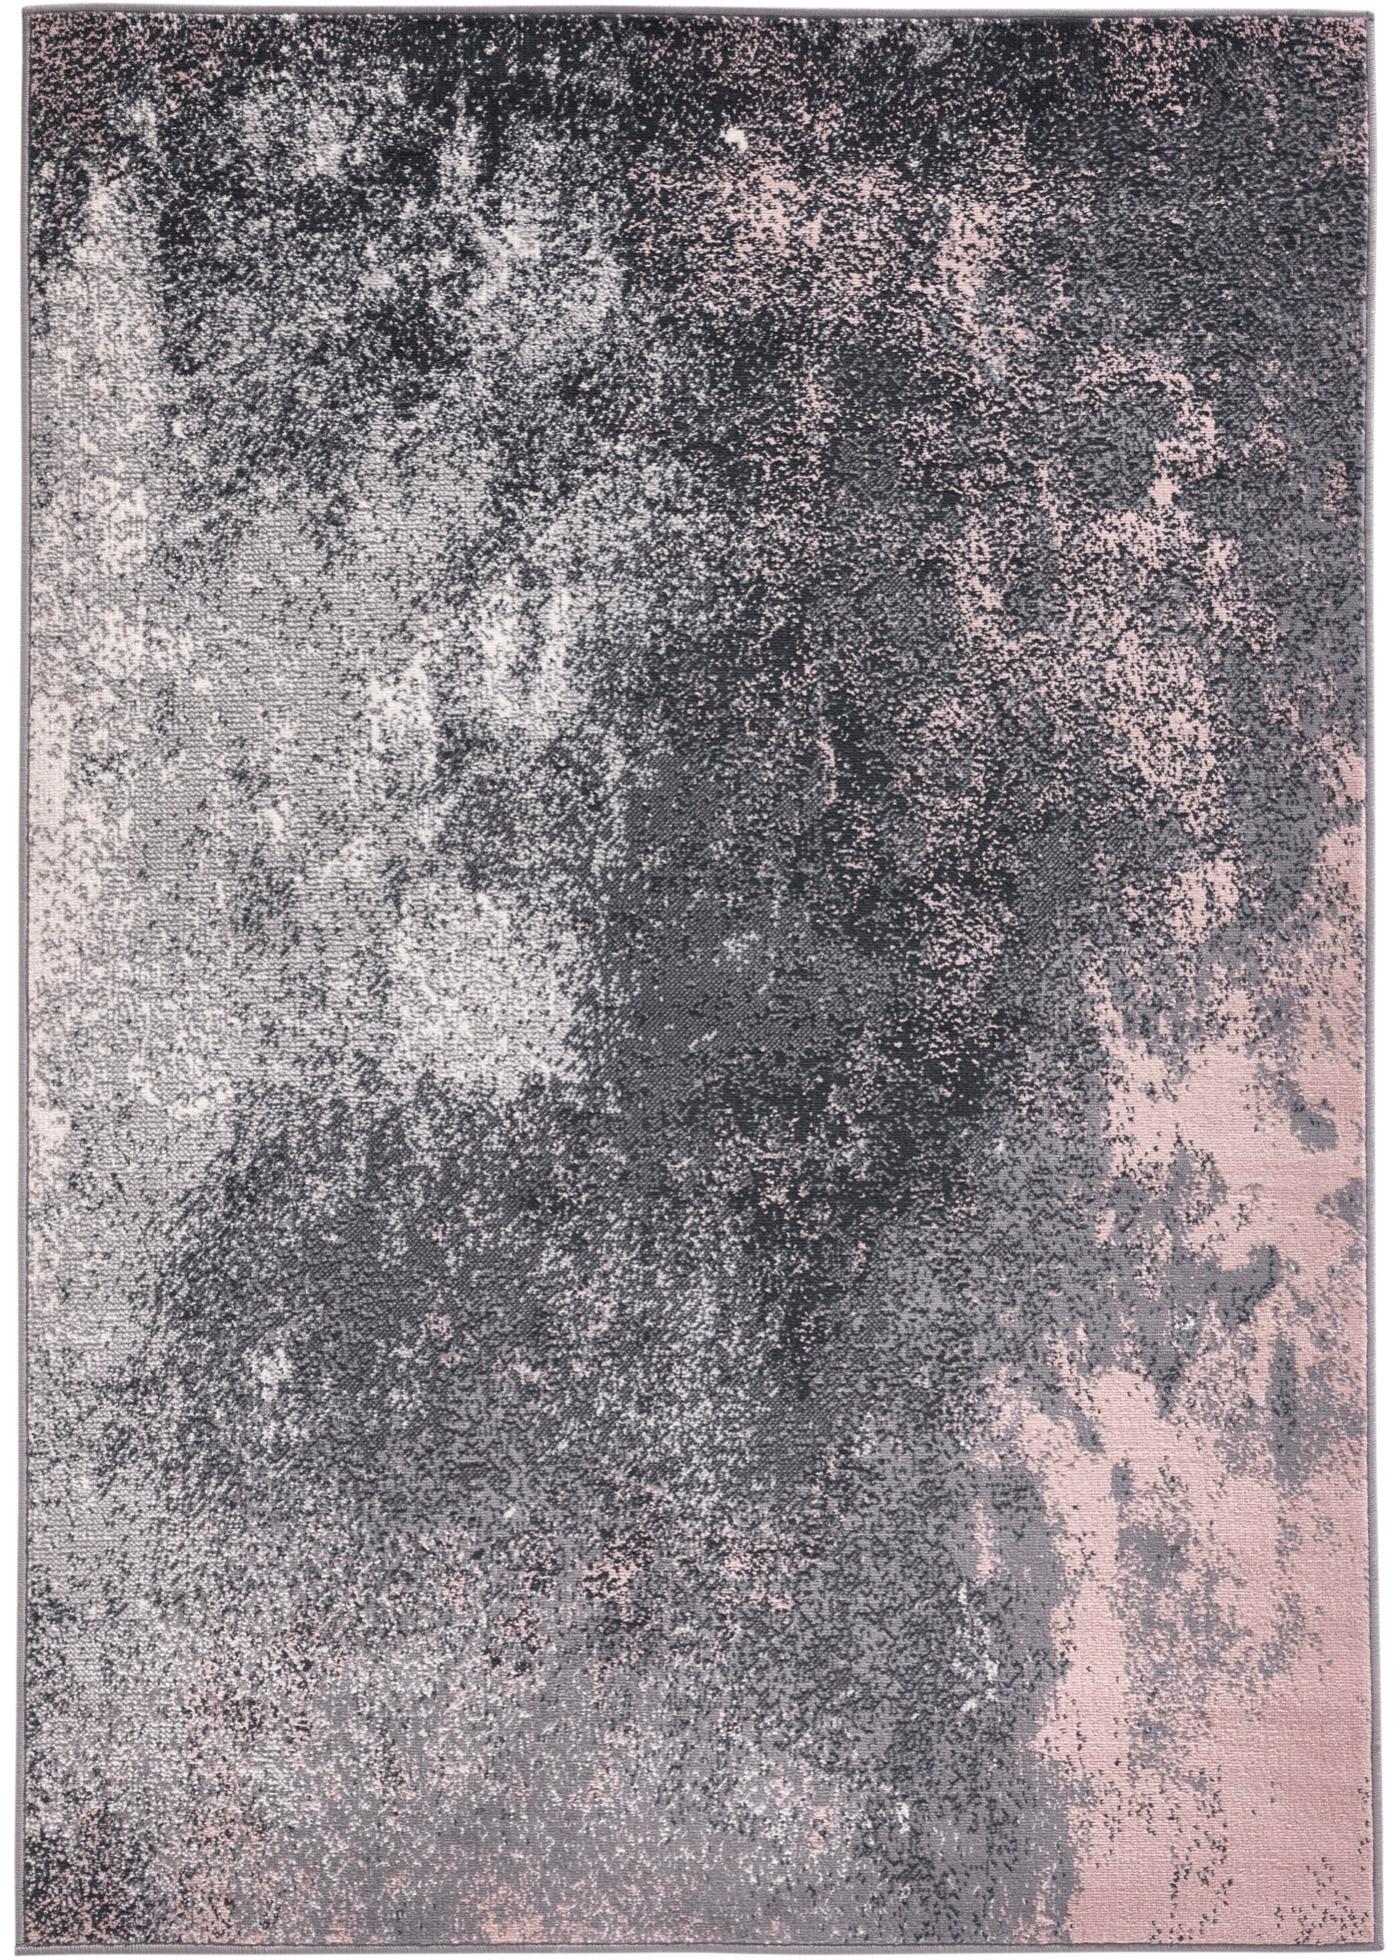 Teppich mit marmorierter Musterung